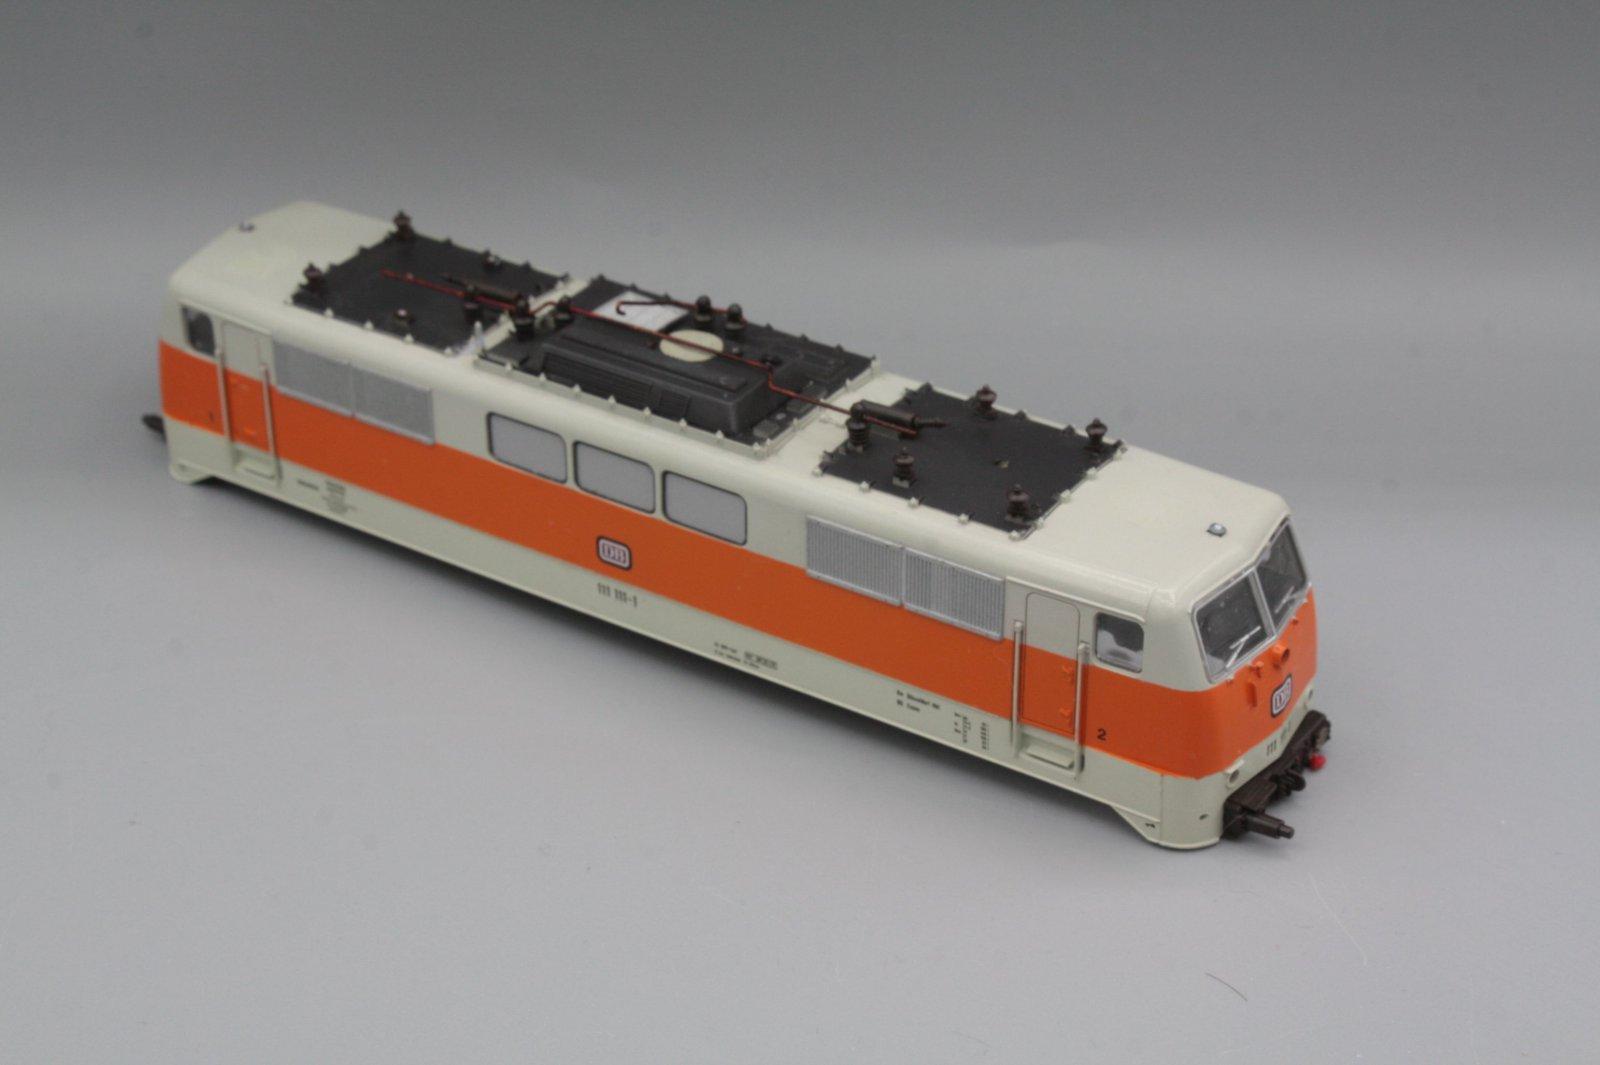 Ersatzteil Roco 111 111-1 Gehäuse Orange/grau mit Fehlern (S-Bahnfarben)